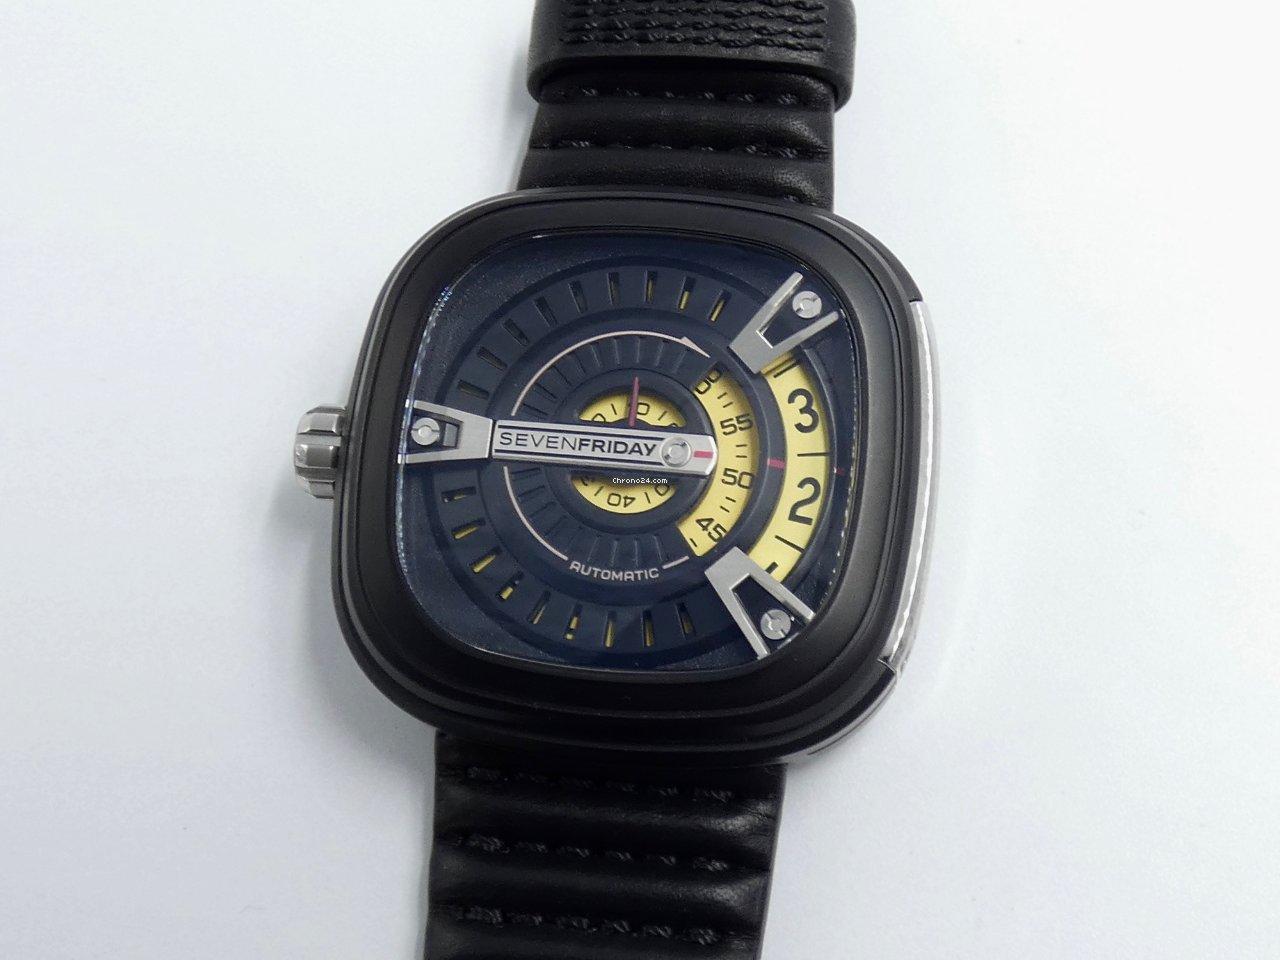 Comprar relojes de hombre al mejor precio en Chrono24 c3e792e4d19d